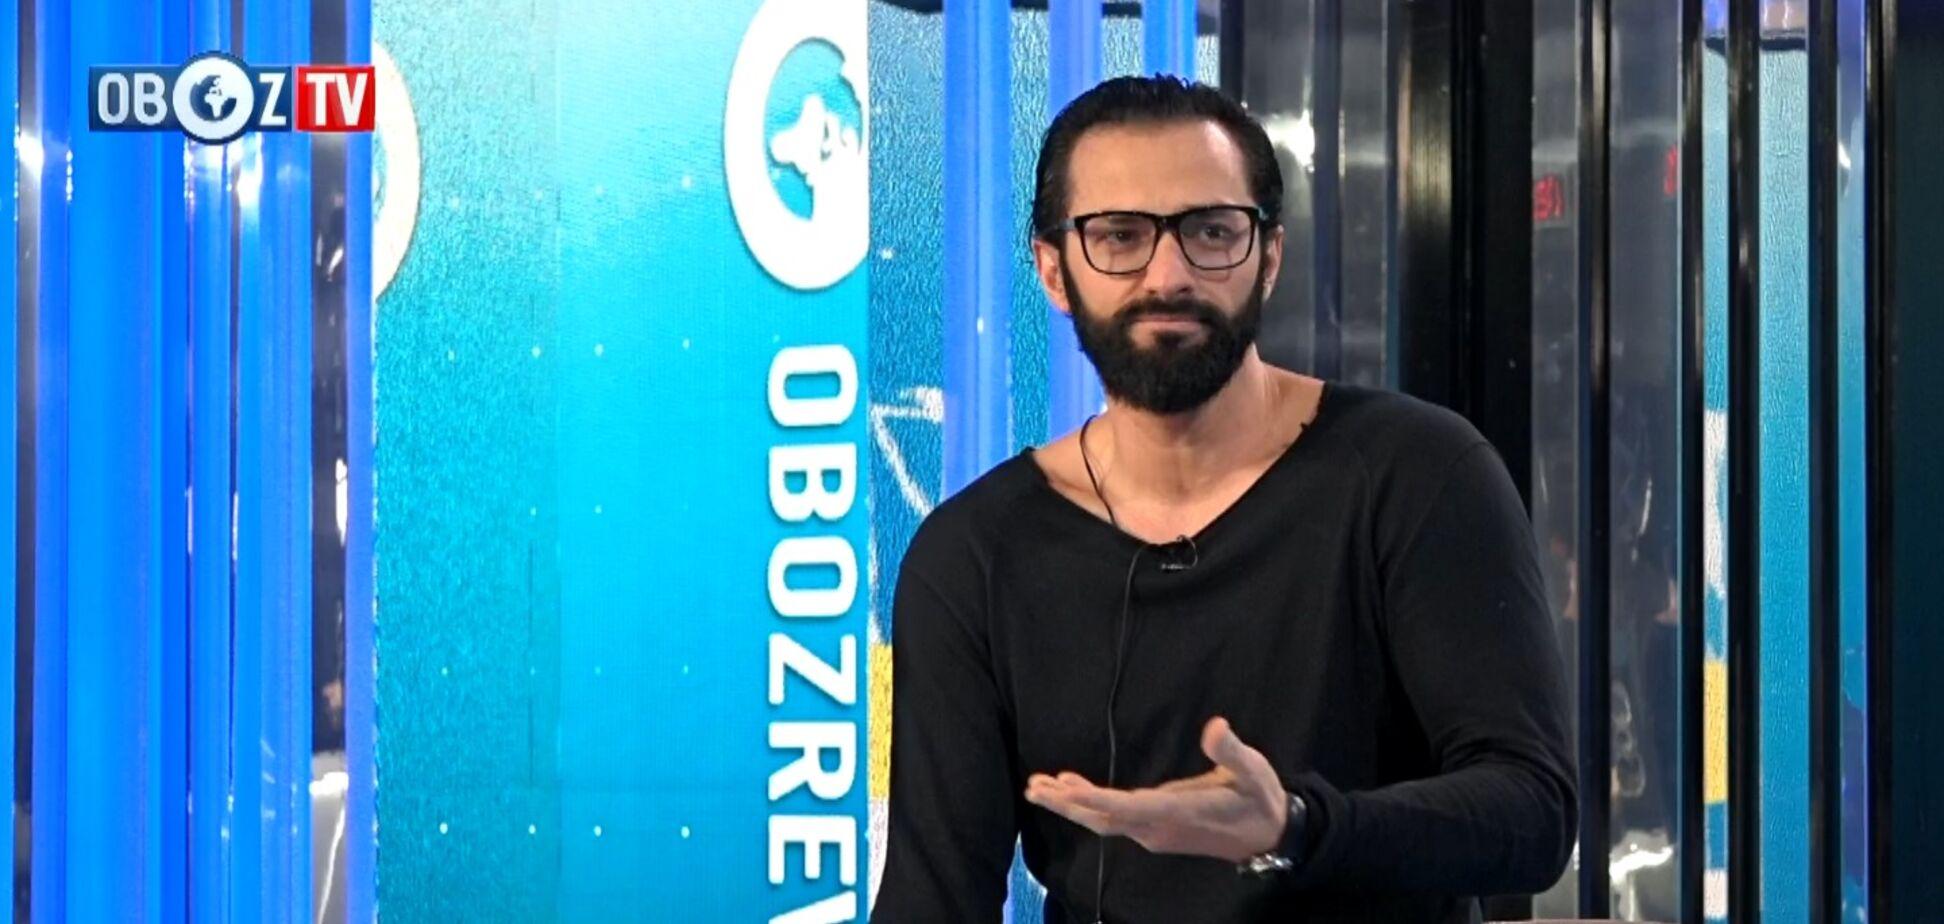 Певец KISHE стал гостем прямого эфира ObozTV ч.1